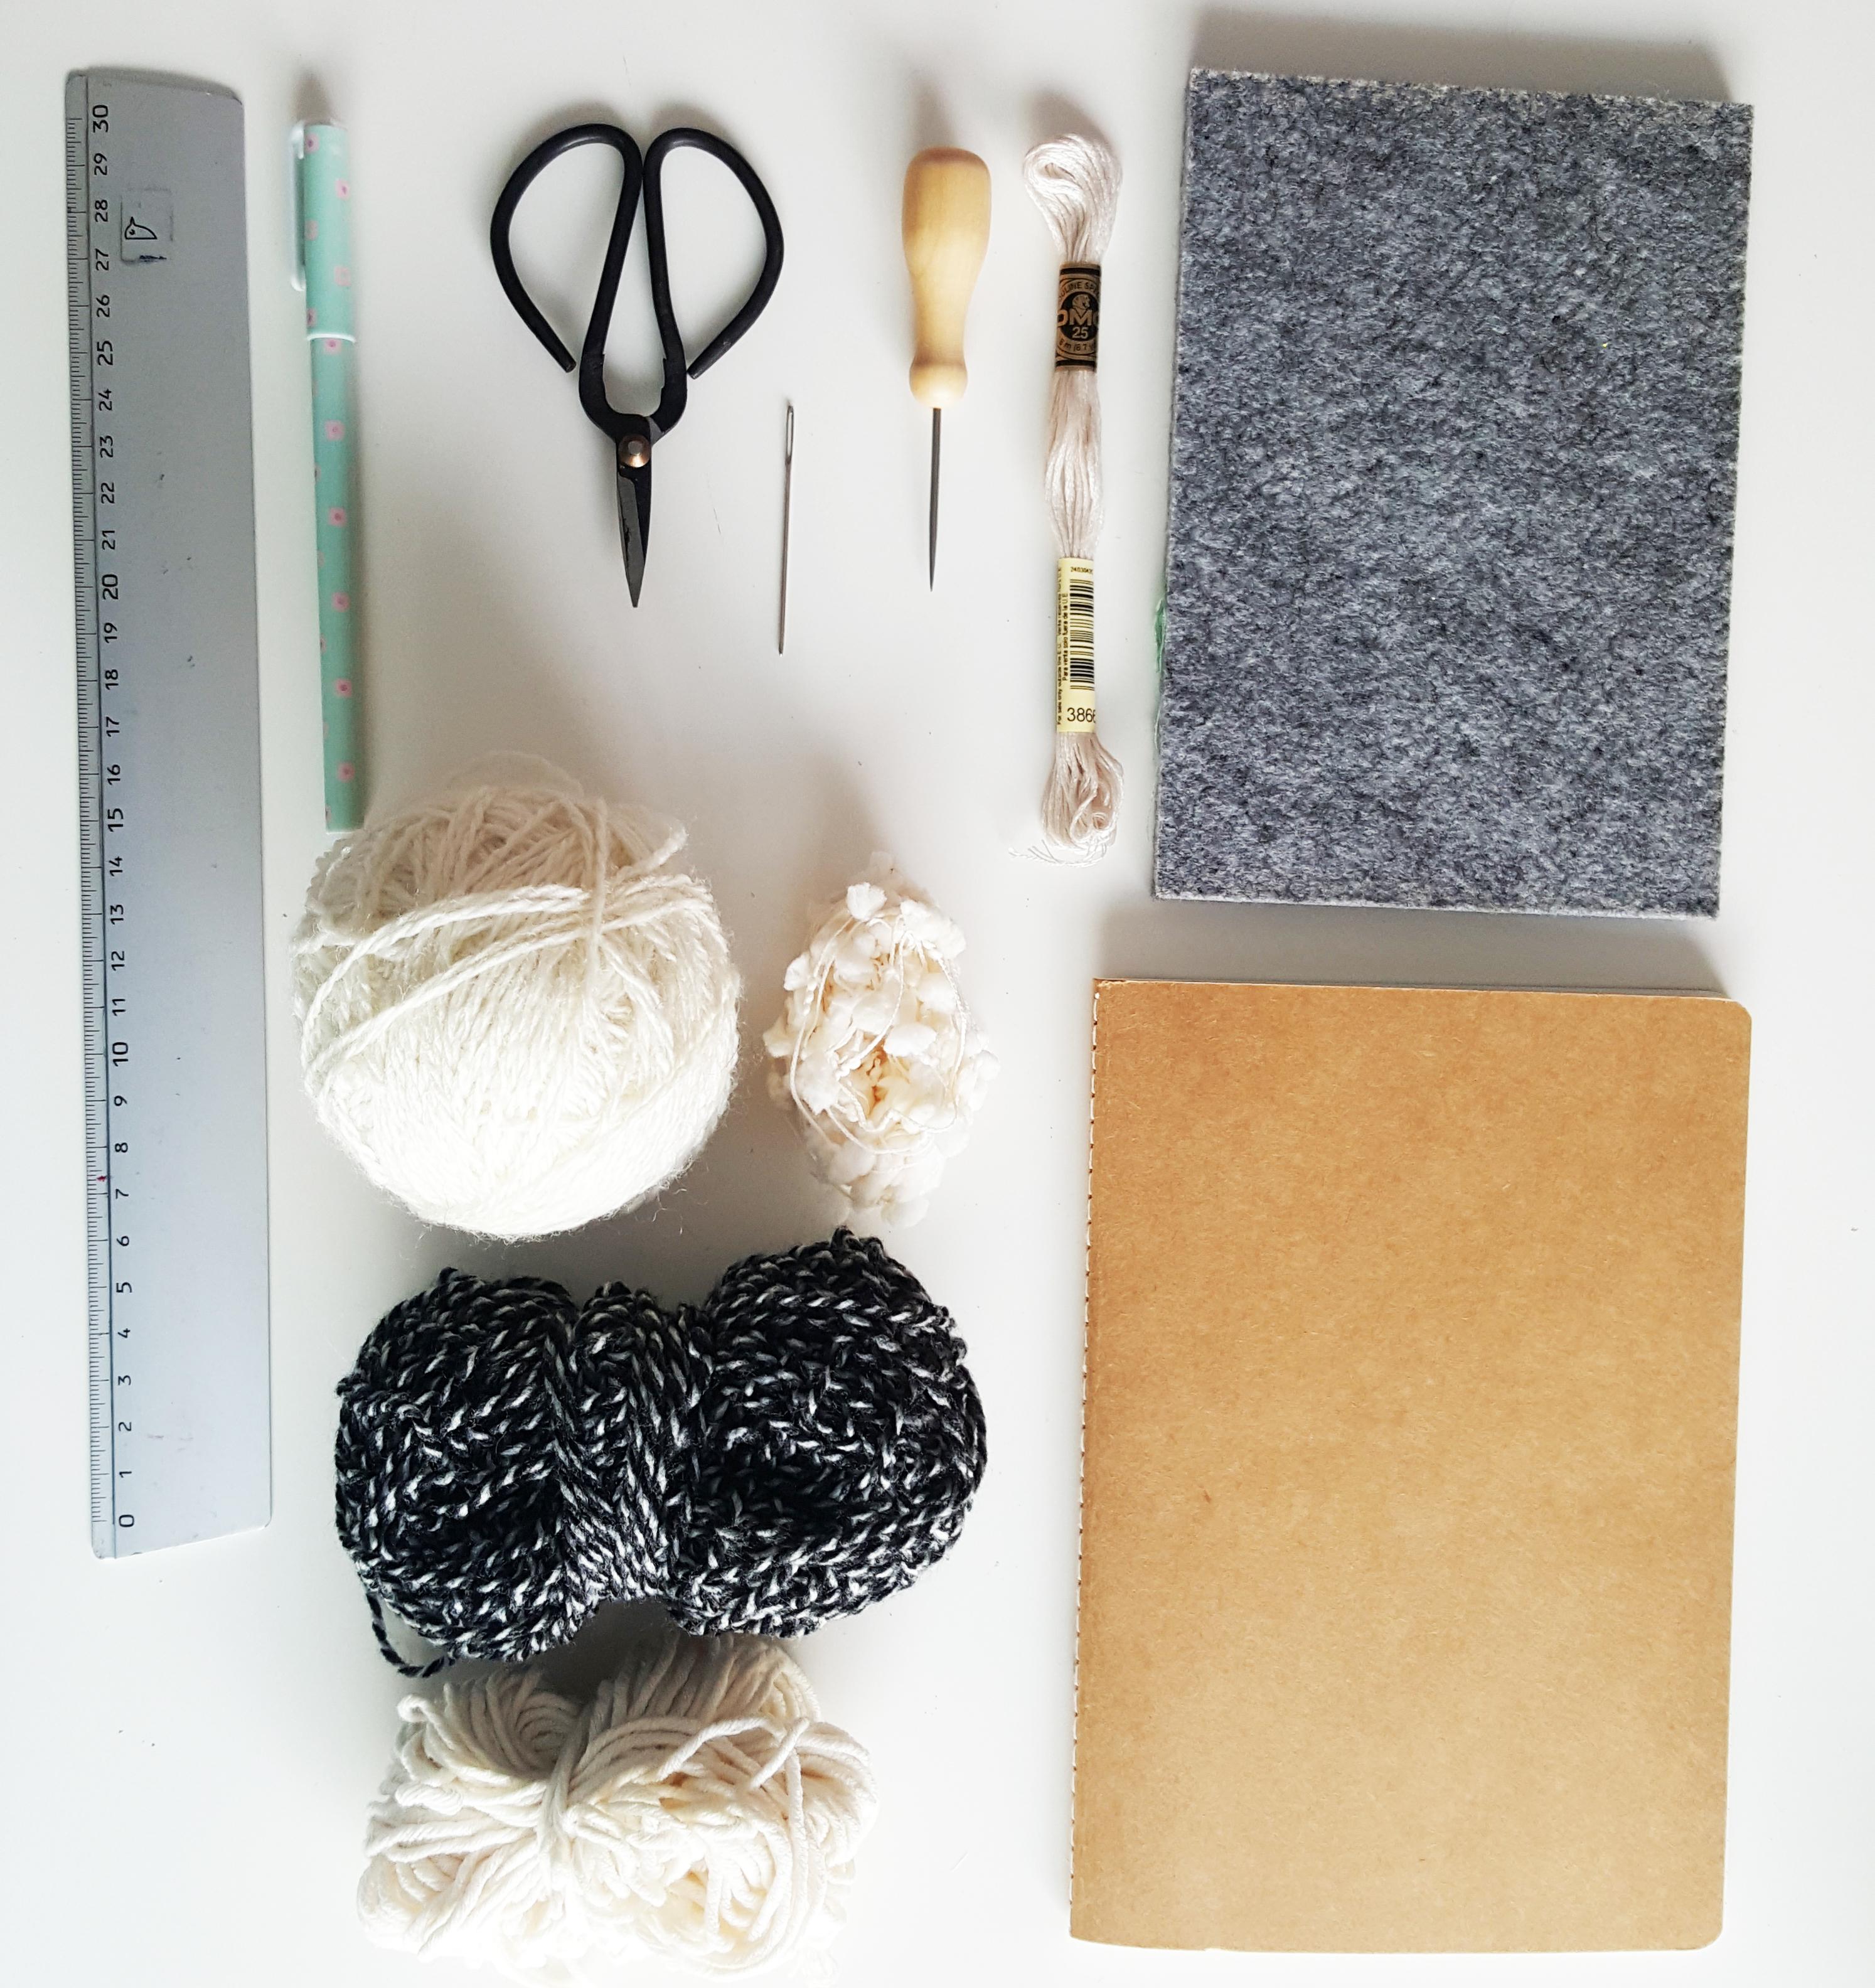 DIY-carnet-tissé-tissage-rentree-laine (2)